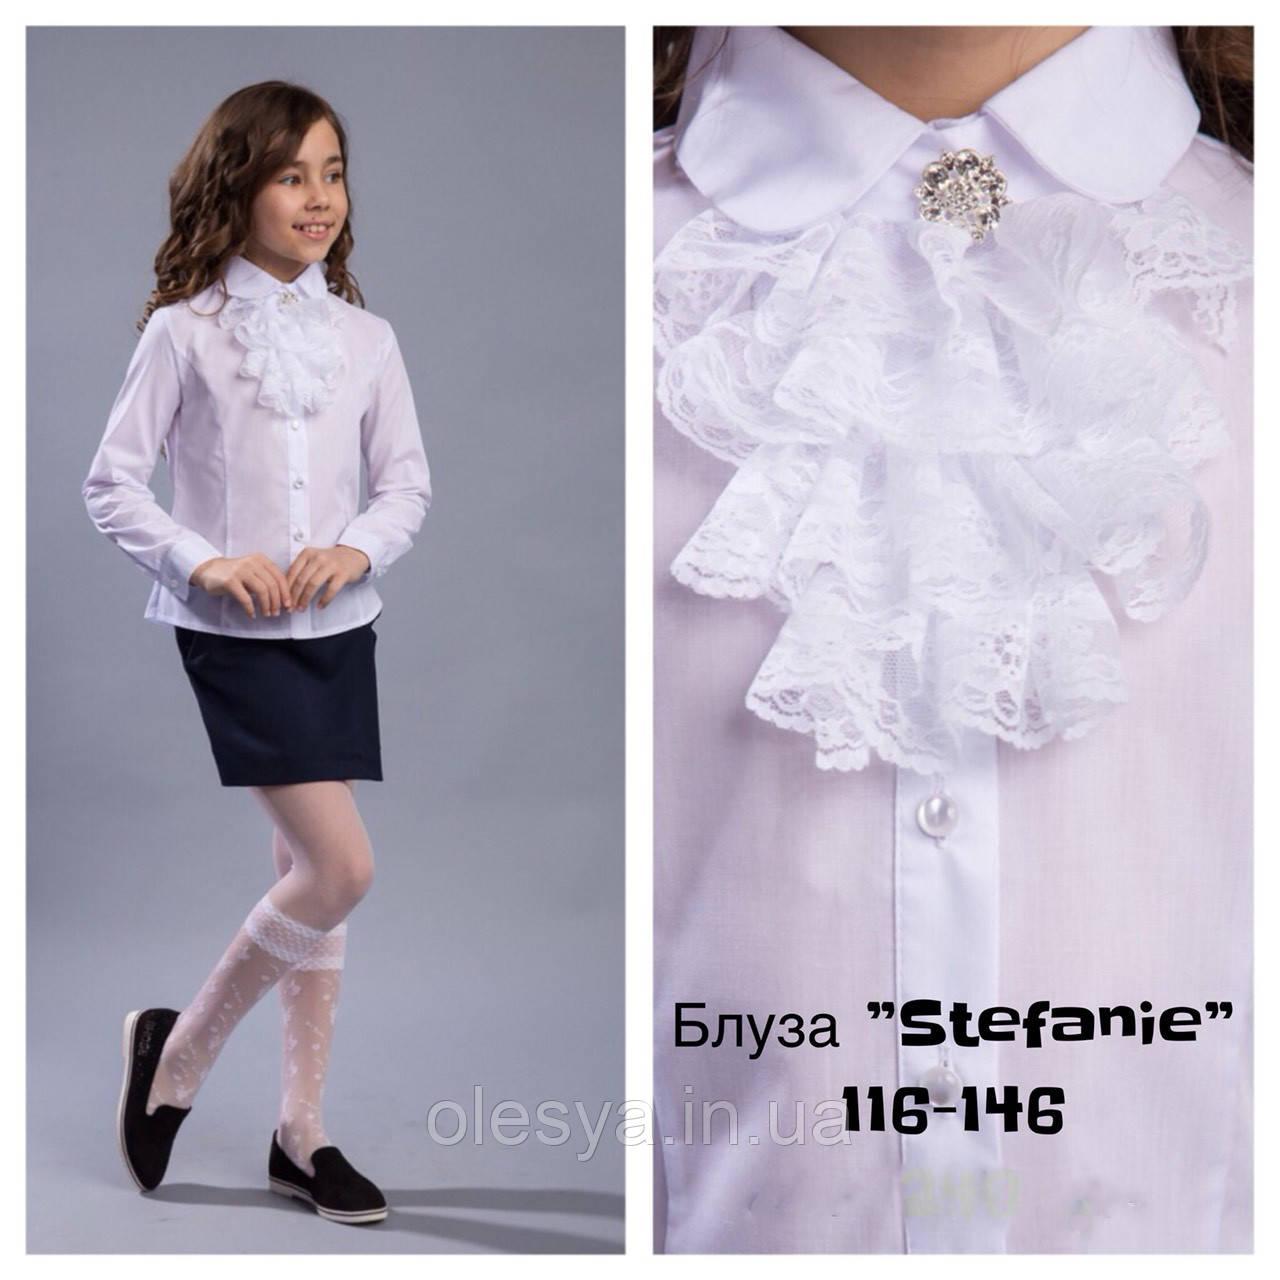 b8715b2af52 Блуза детская школьная с жабо Stefanie Размеры 116-146 ТОП продаж! В наличии